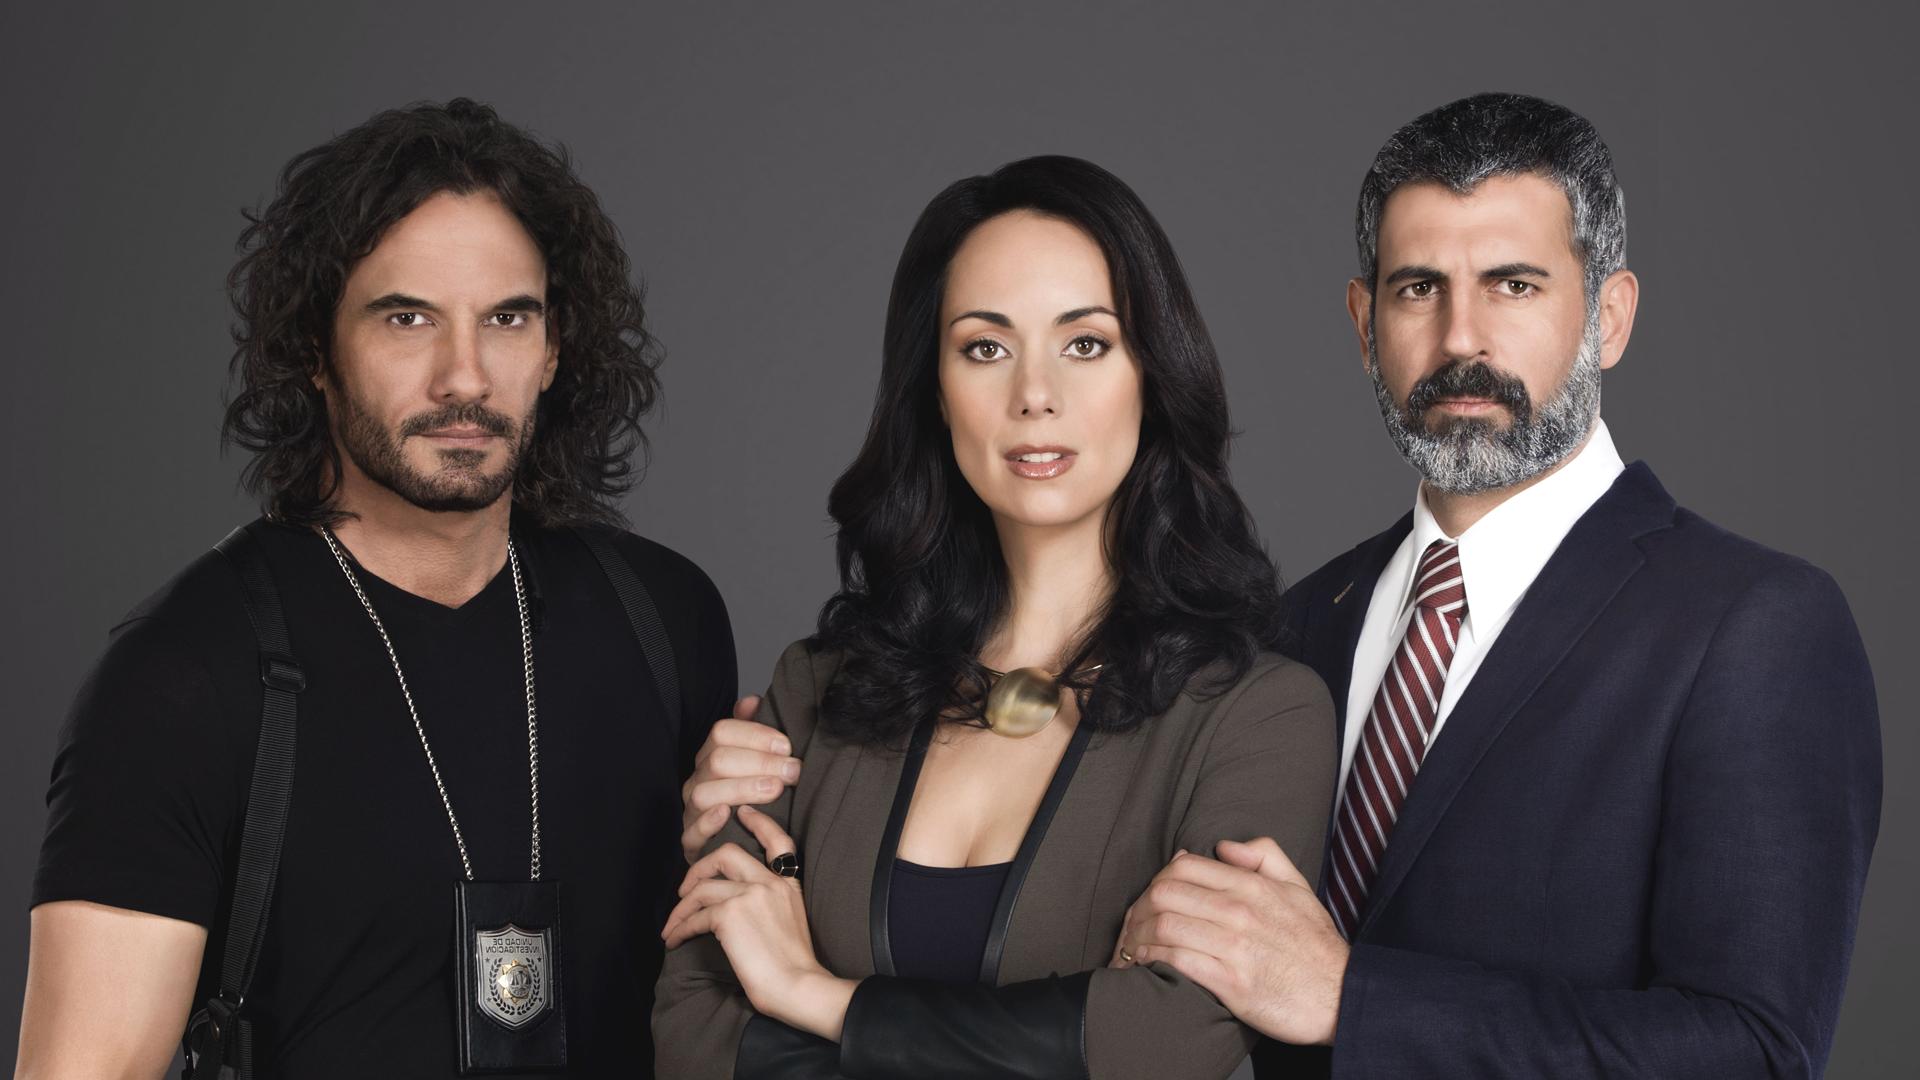 Télénovelas : Secrets de famille - épisode 99 - vendredi 24 avril à 17:40